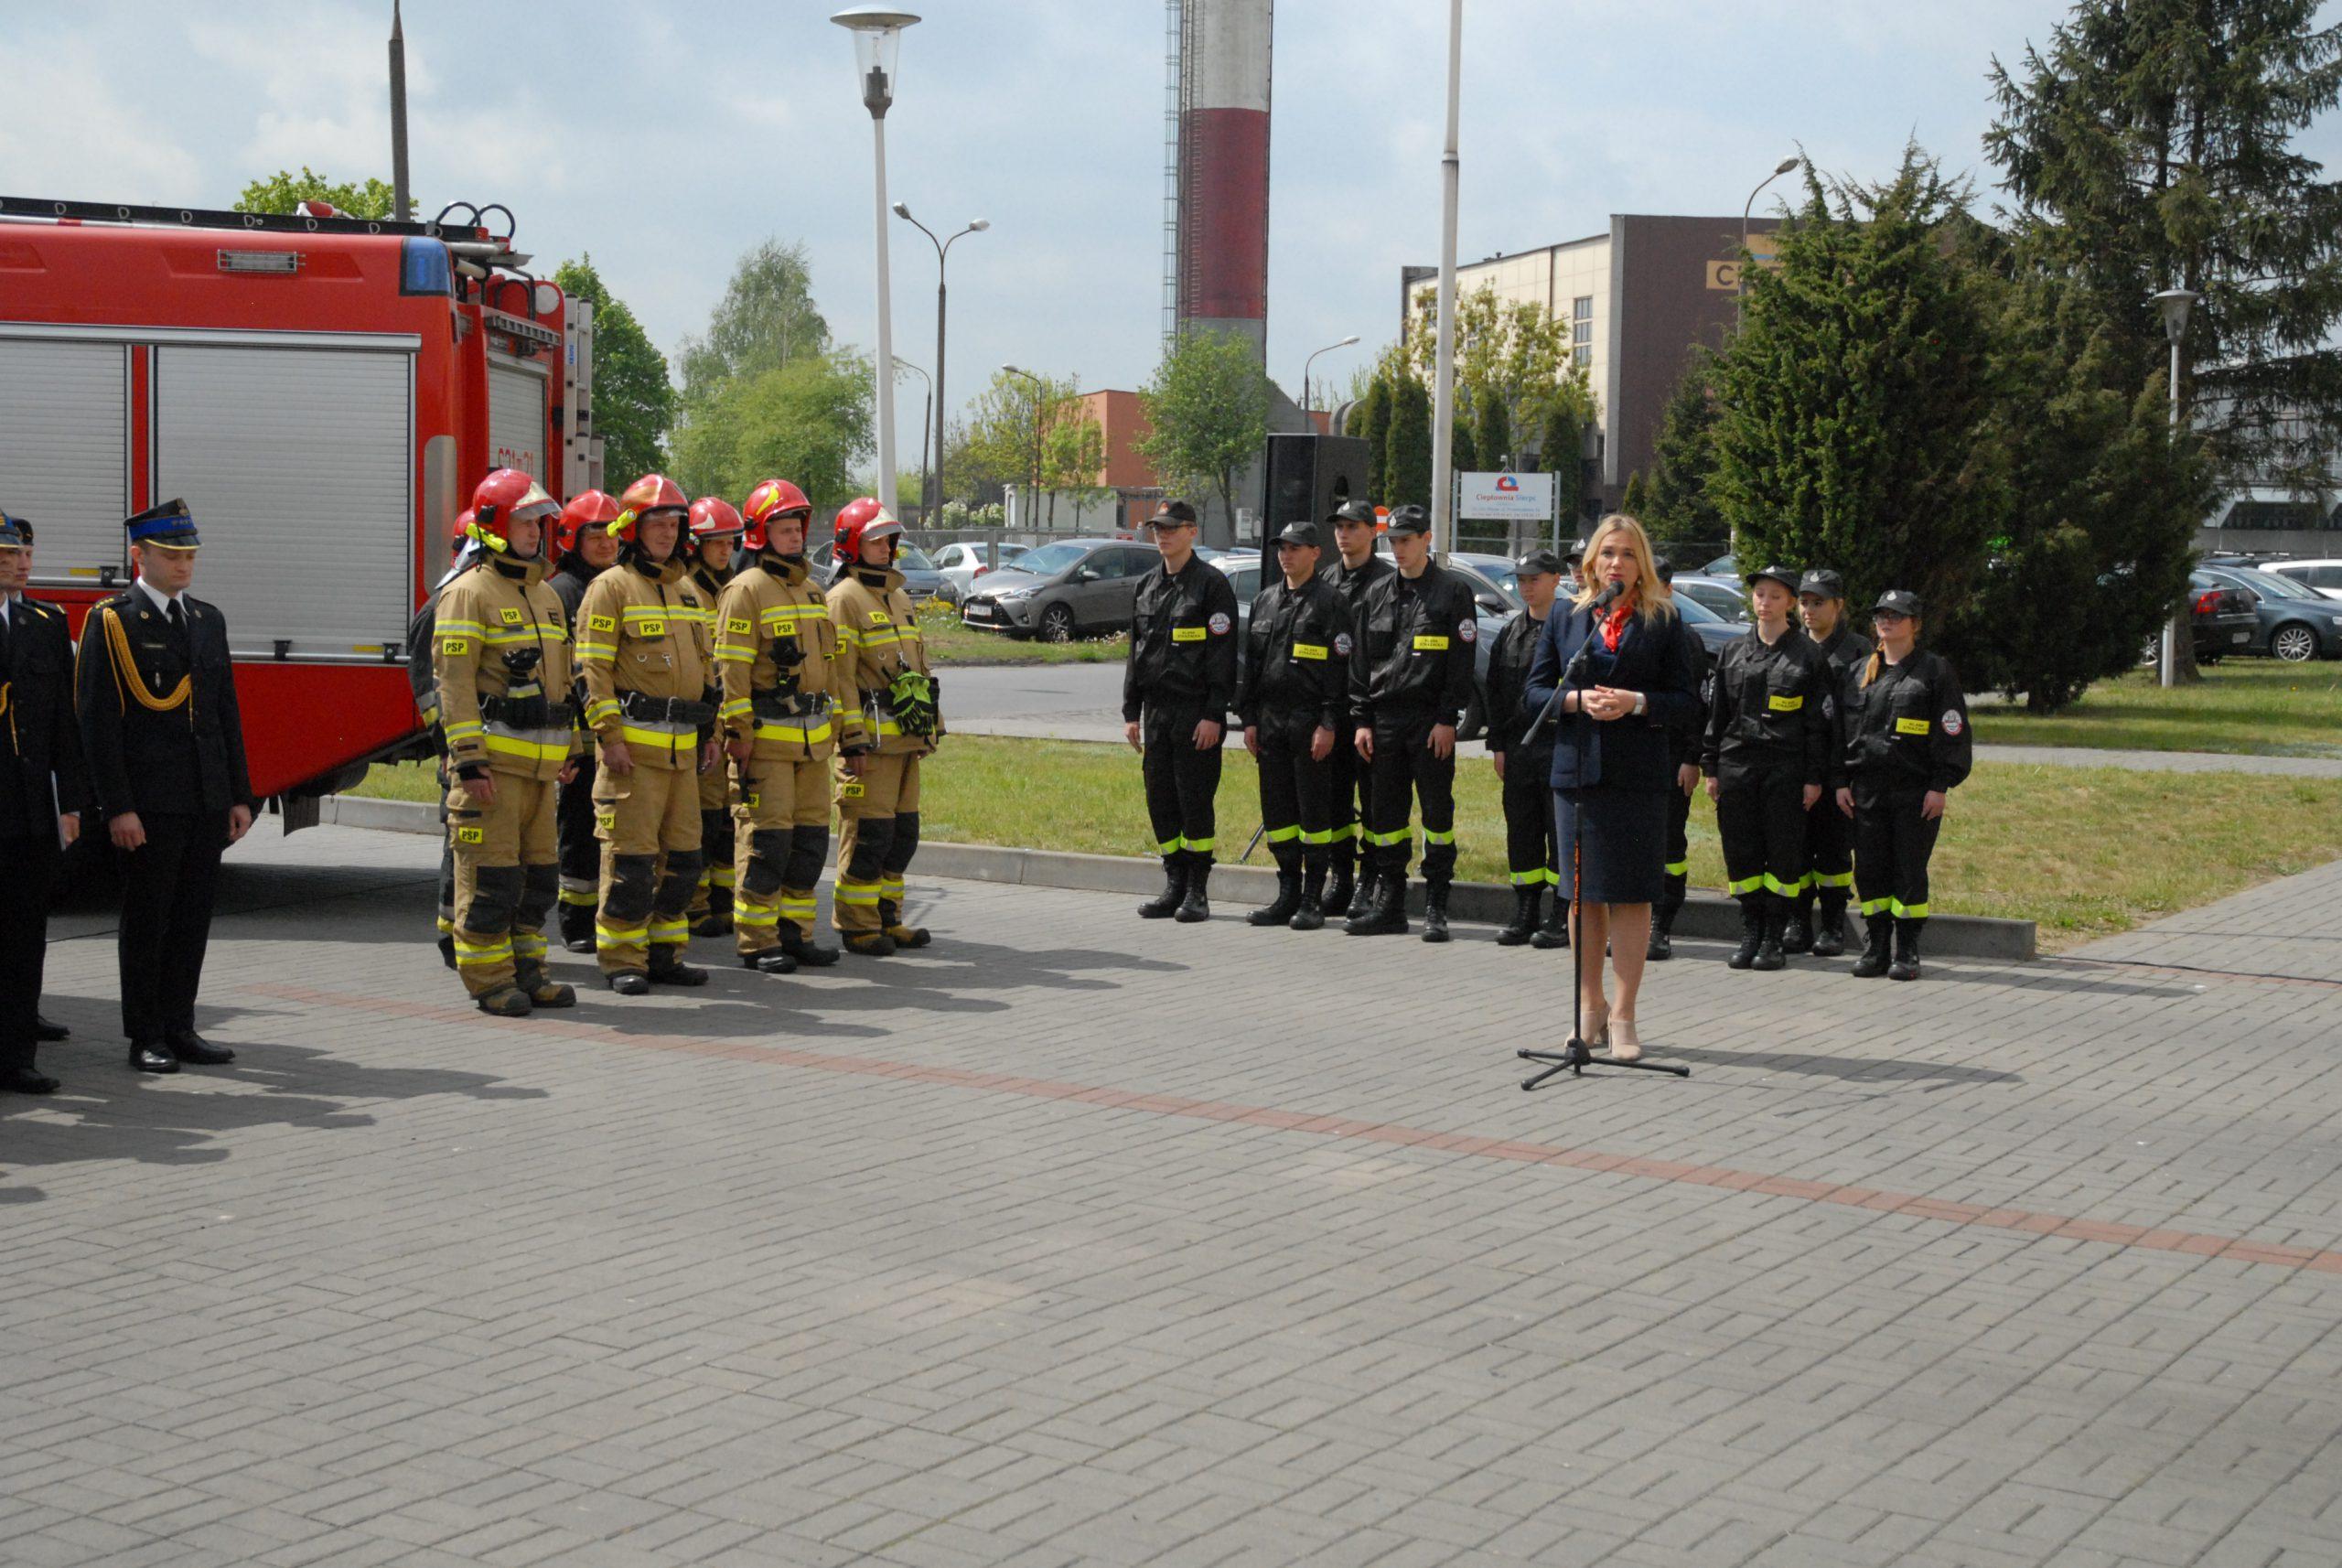 wóz strażacaki a obok nich strażacy w mundurach oraz w strojach strażackich; kobieta przemawia